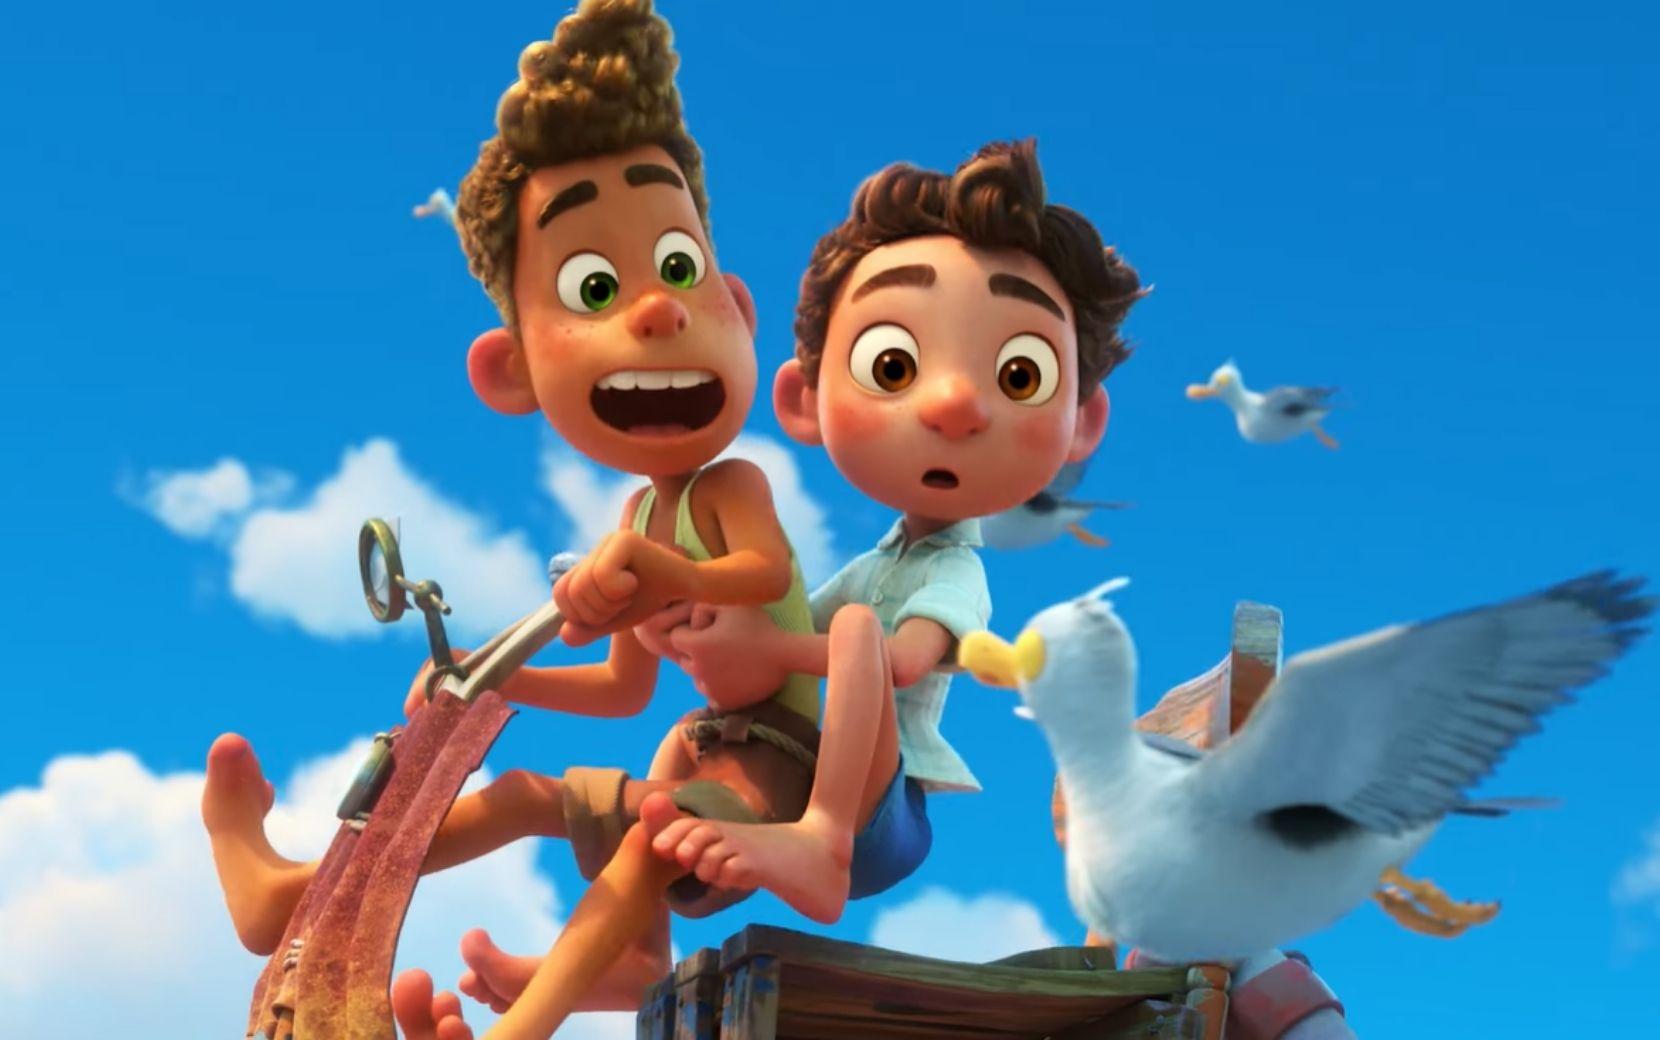 Luca, da Pixar, será lançado exclusivamente no Disney+ e sem custo adicional